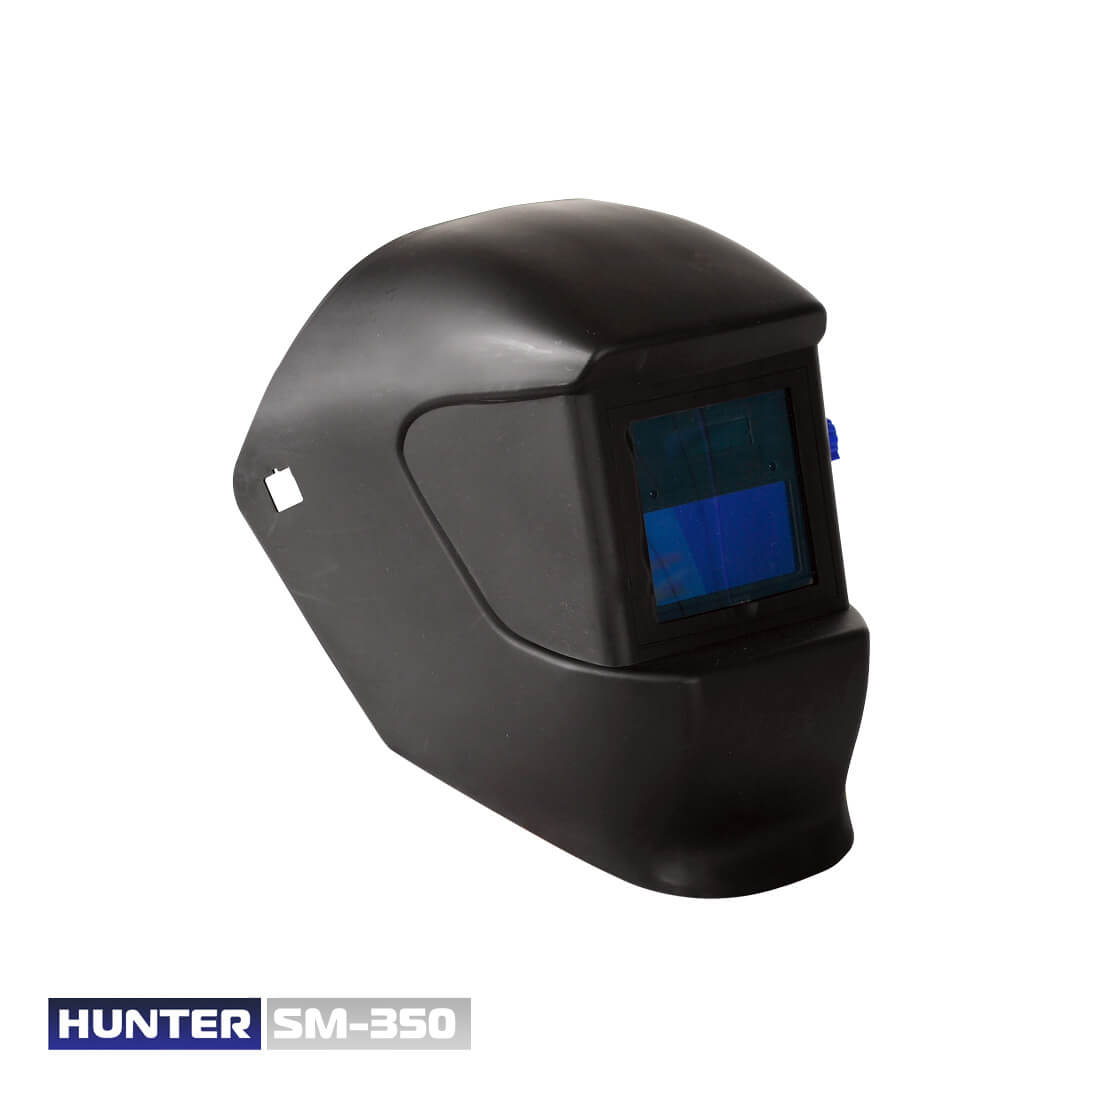 Фото SM-350 цена 450грн №3 — Hunter